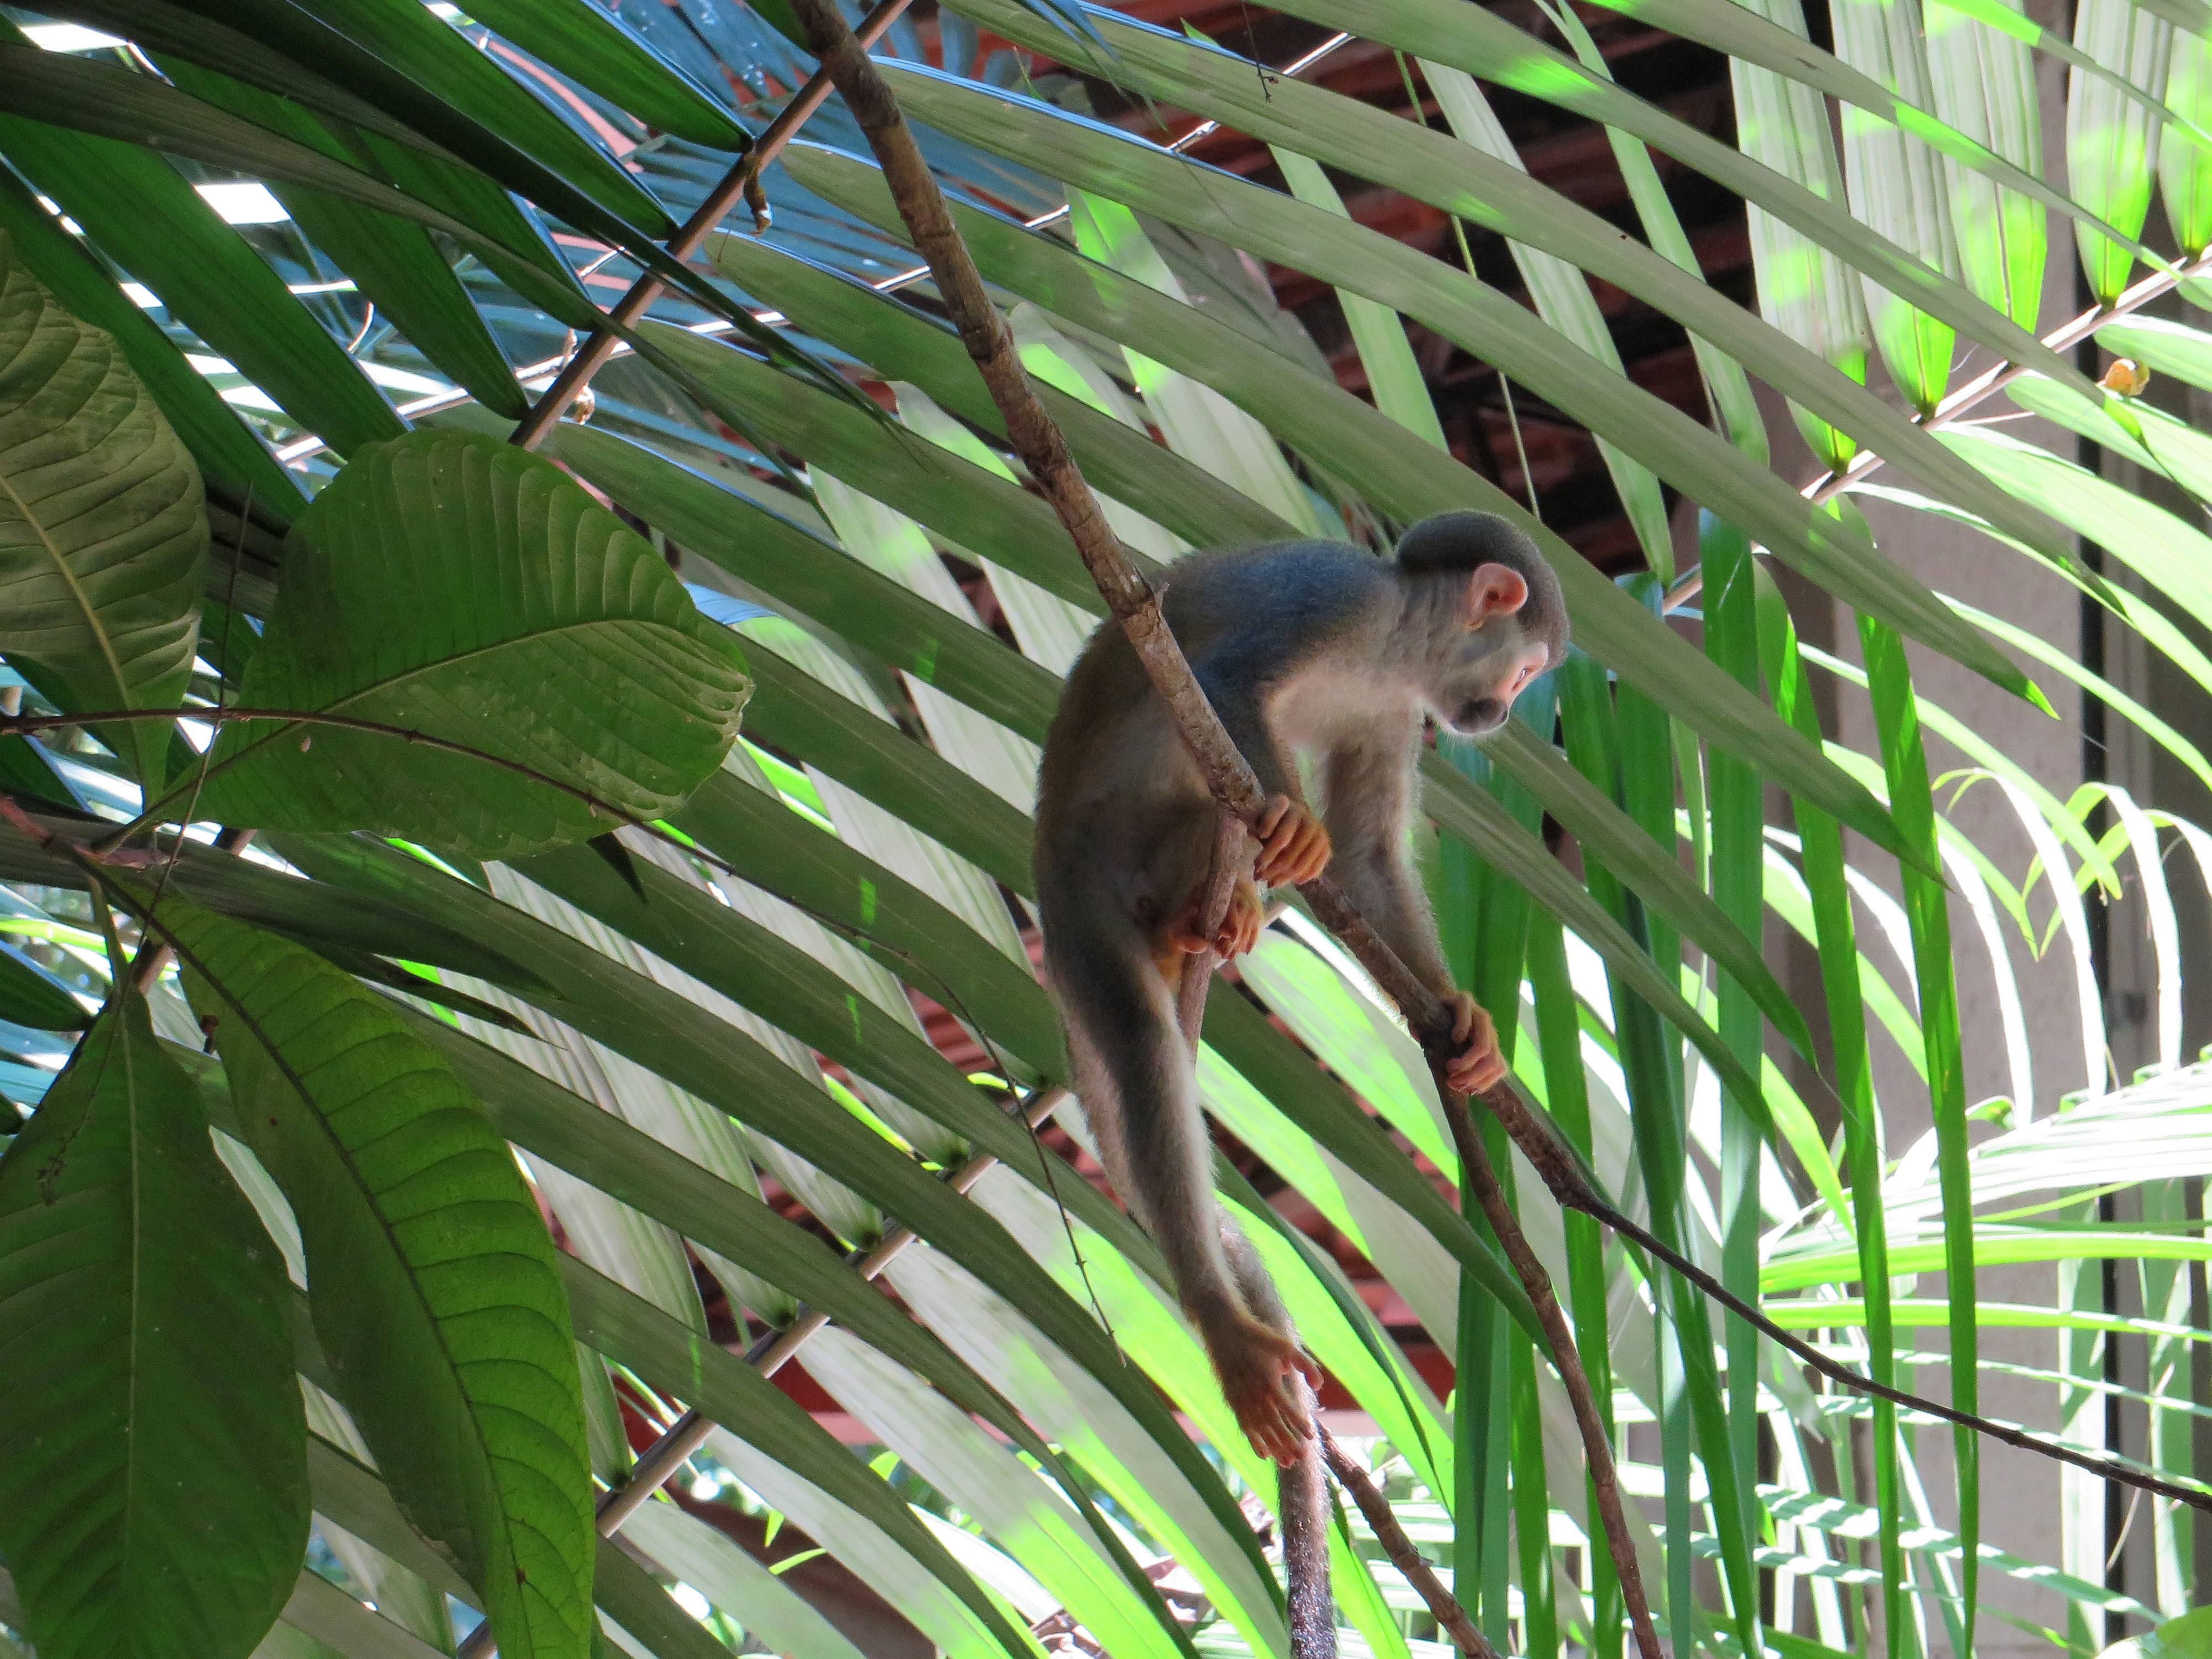 ExpedicionAmazonia8_CIPOCompany